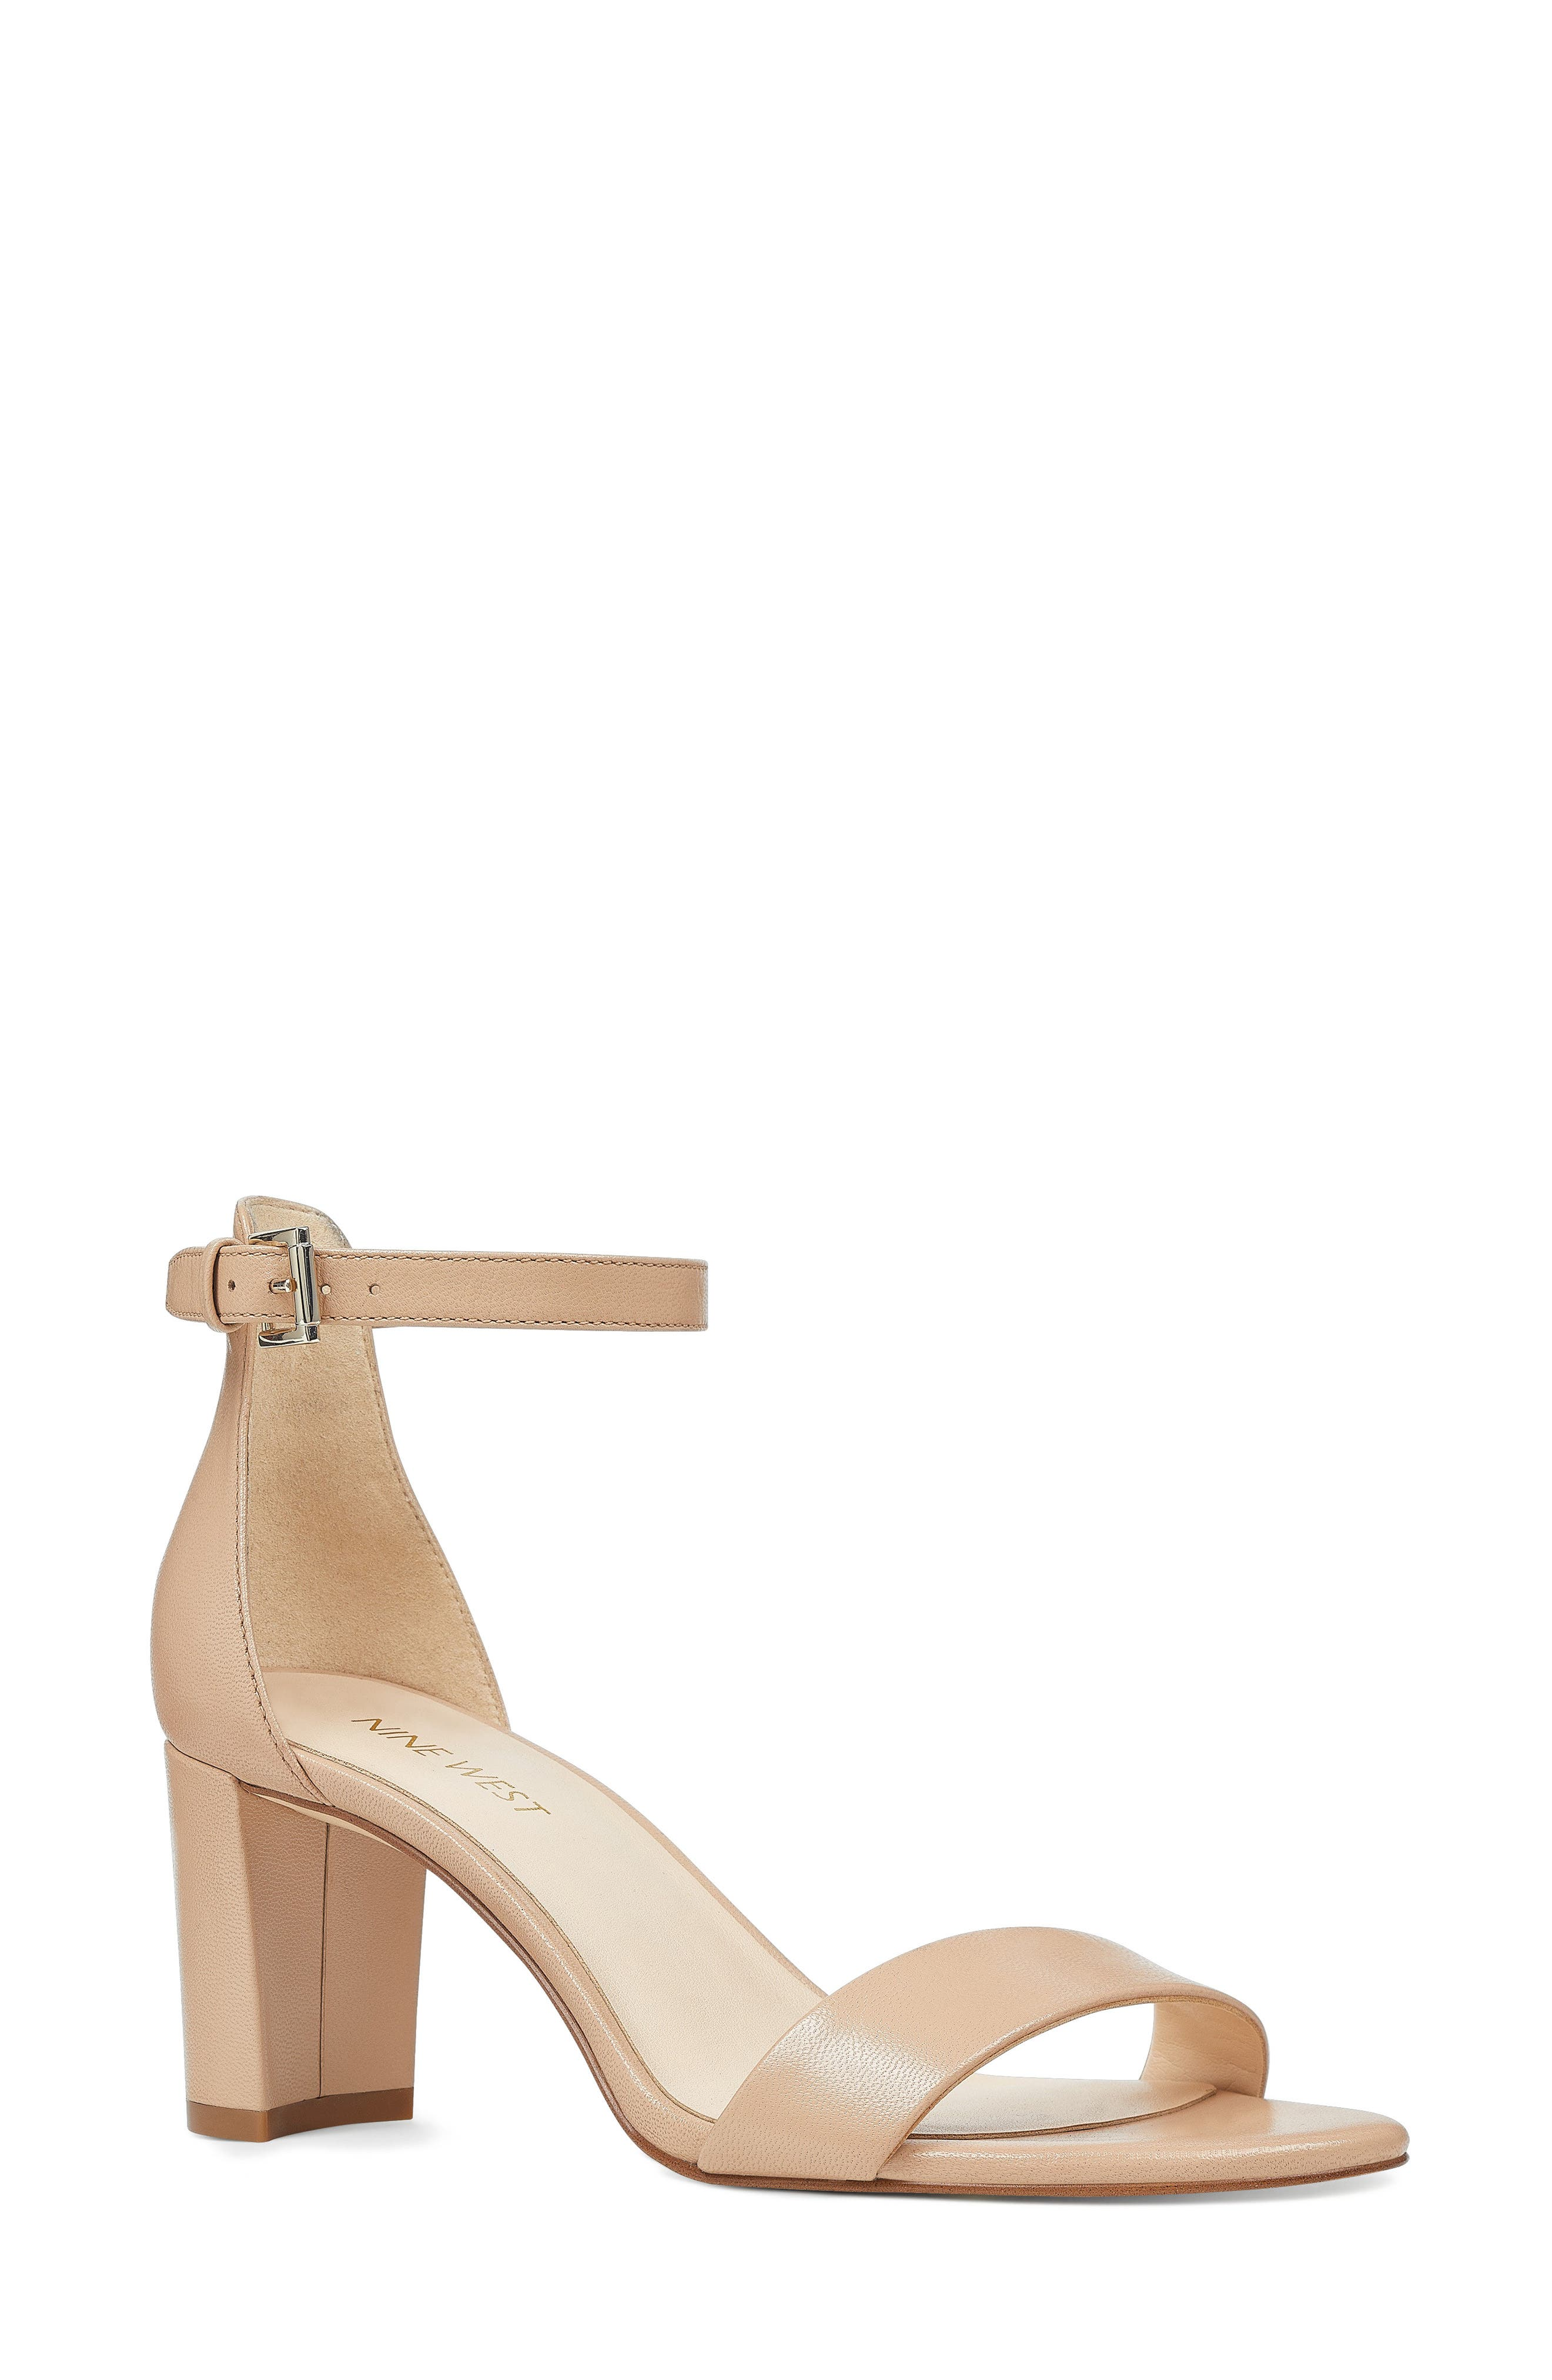 NINE WEST Pruce Ankle Strap Sandal, Main, color, LIGHT NATURAL LEATHER